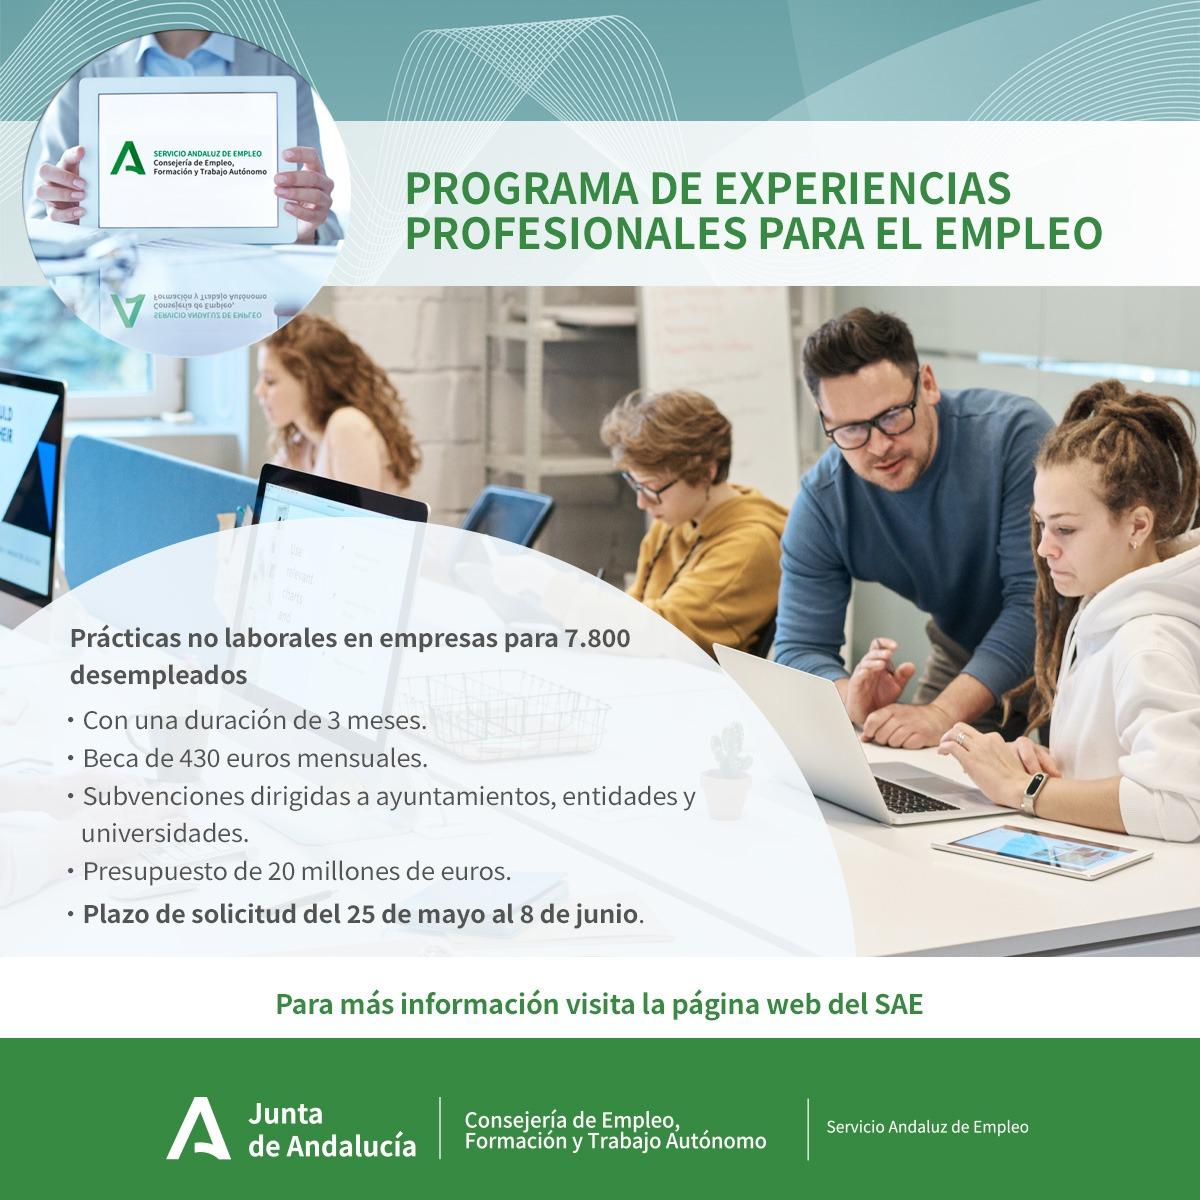 Empleo pone en marcha un programa que facilitará prácticas profesionales en empresas a 800 desempleados